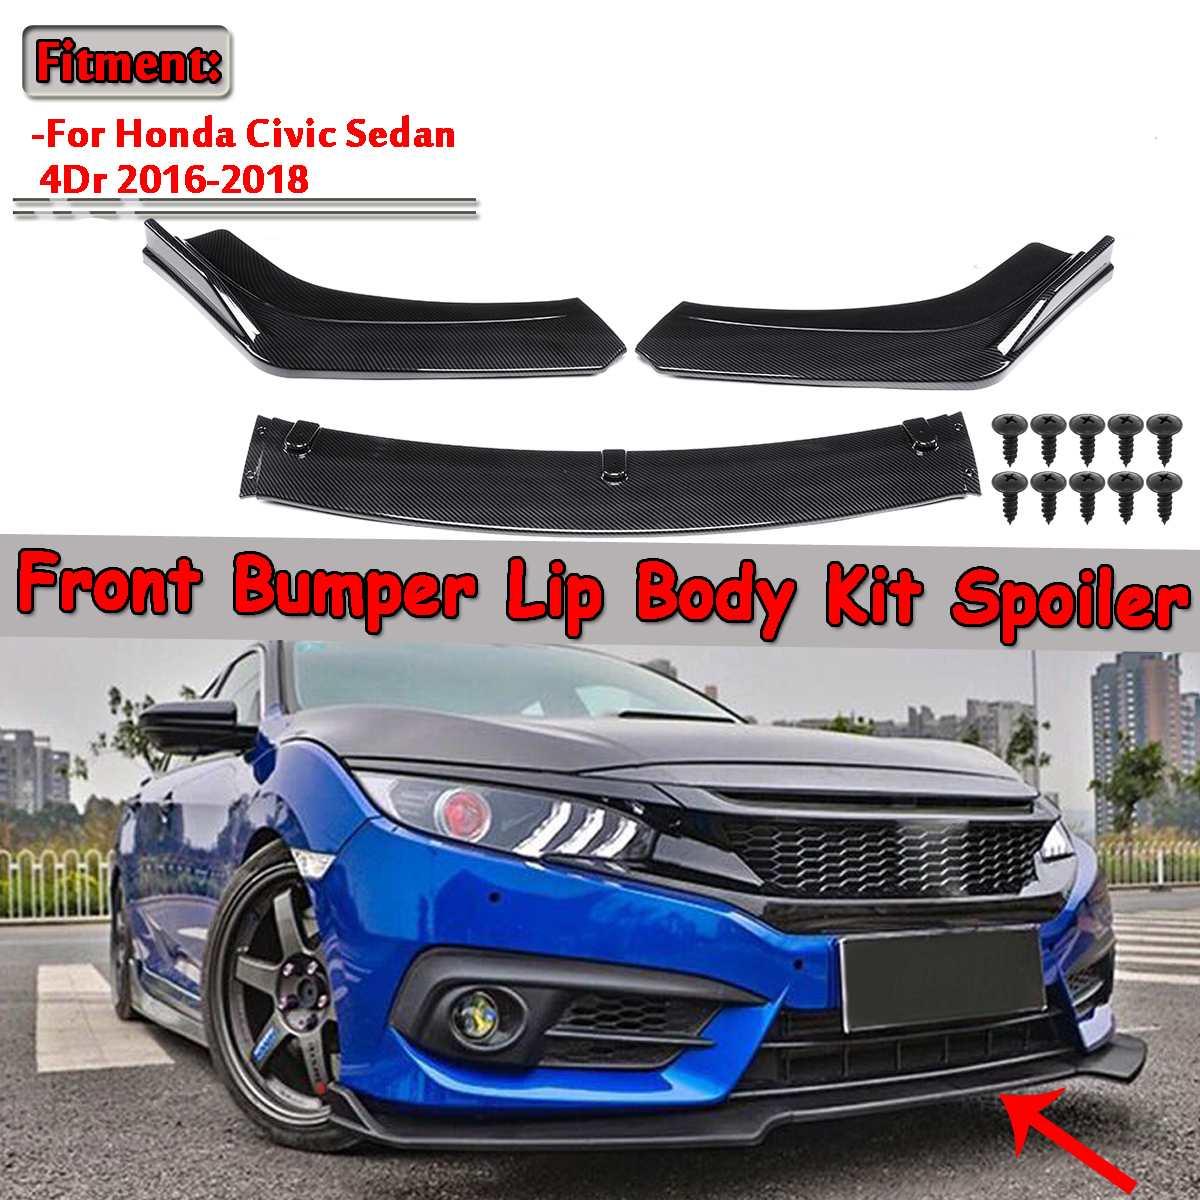 3 parça karbon Fiber bakır/siyah araba ön alt ÖN TAMPON difüzör Spoiler vücut kiti için Honda için Civic Sedan 4Dr 2016 2017 2018